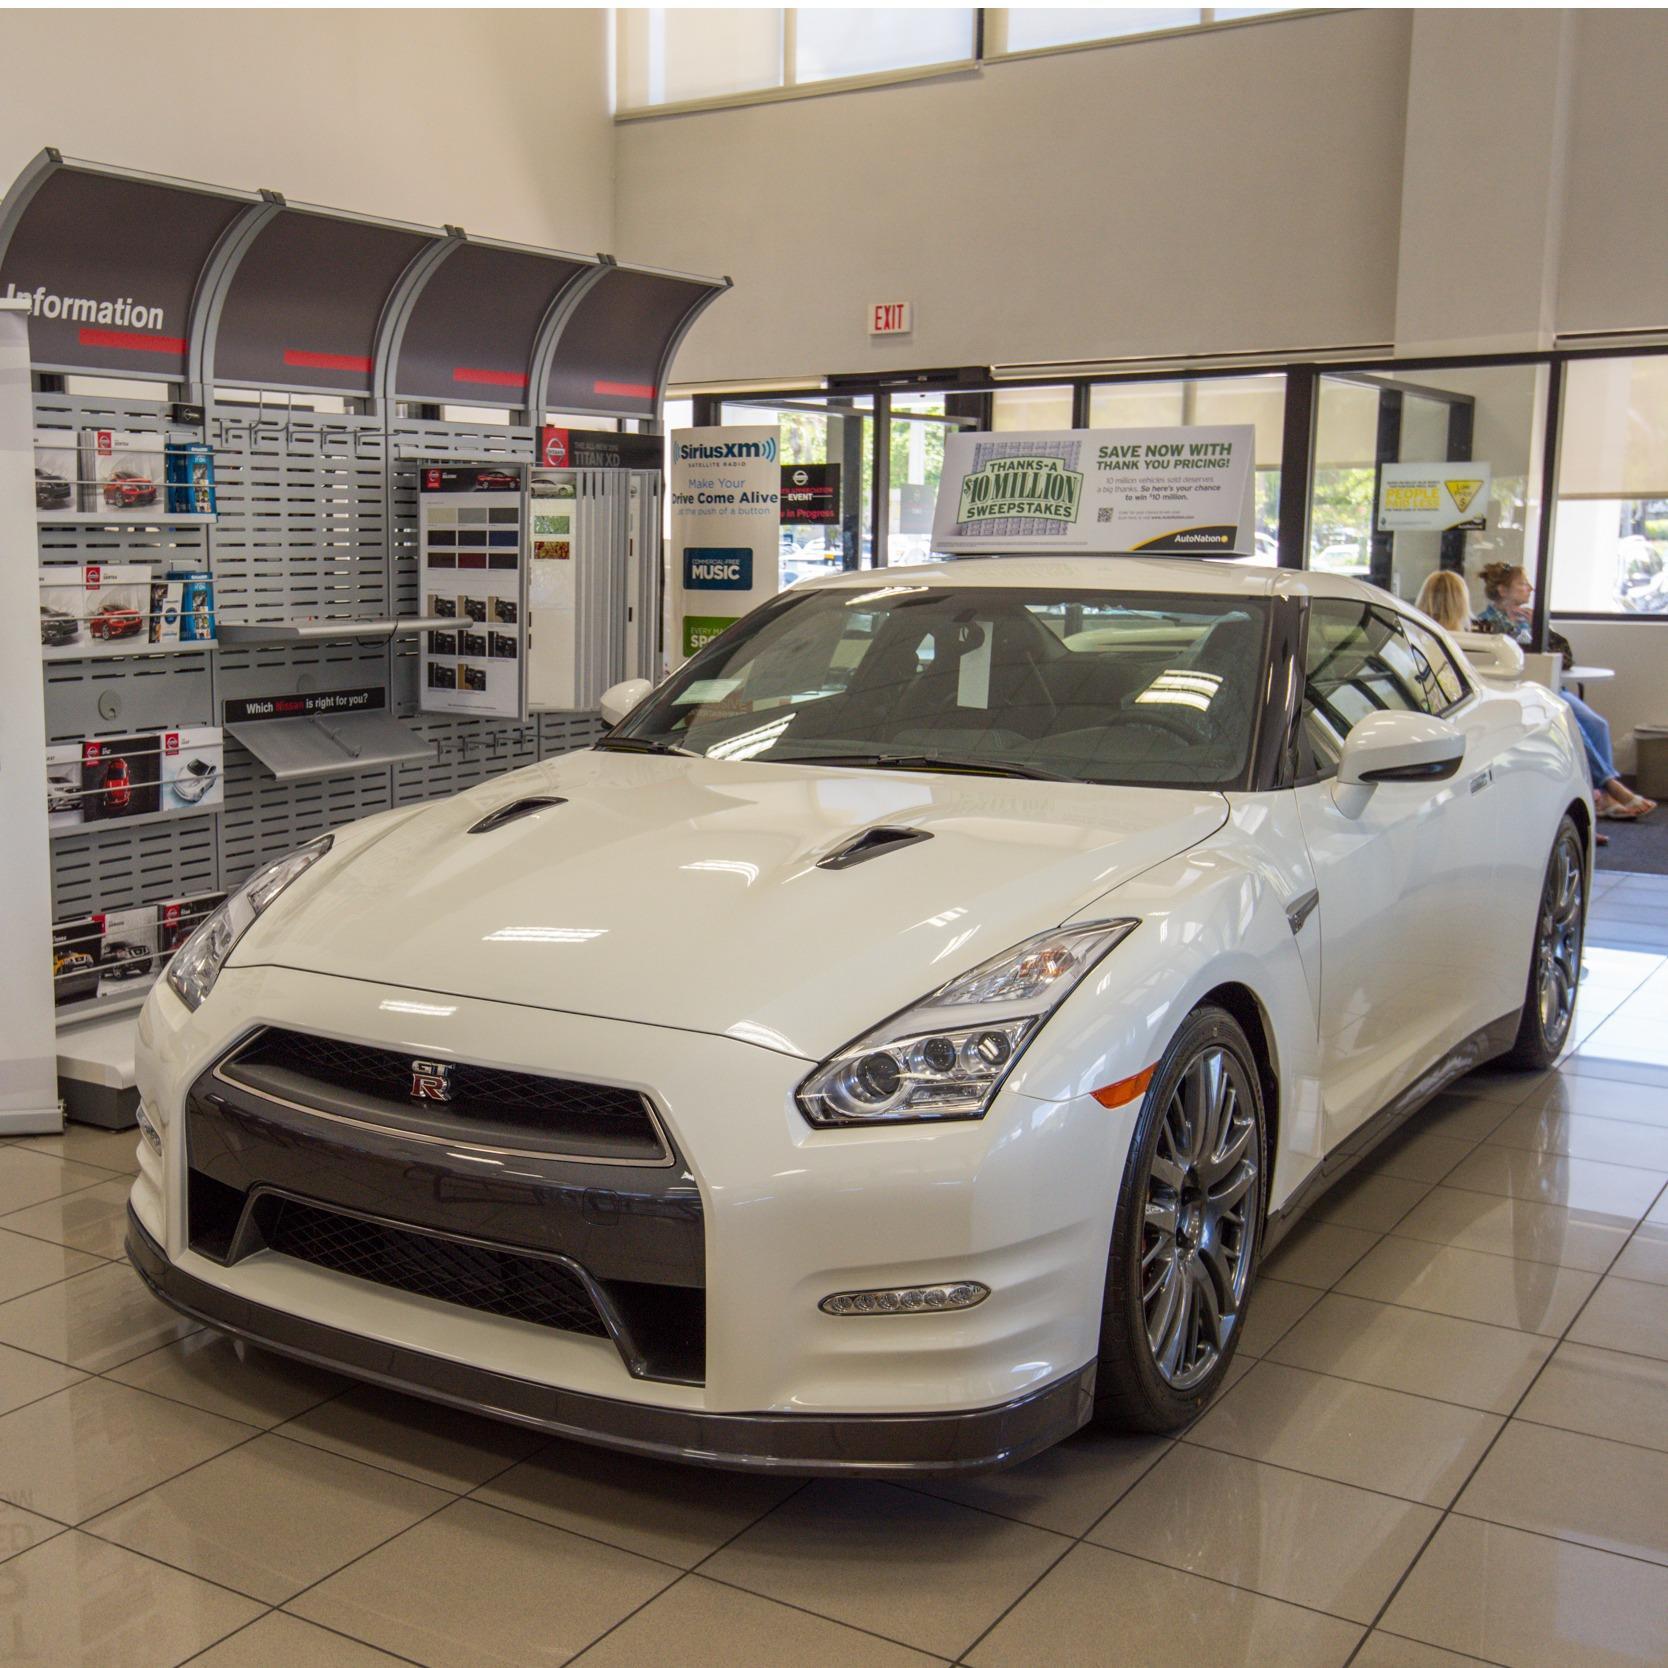 Autonation Nissan Miami >> AutoNation Nissan Pembroke Pines - Pembroke Pines, FL